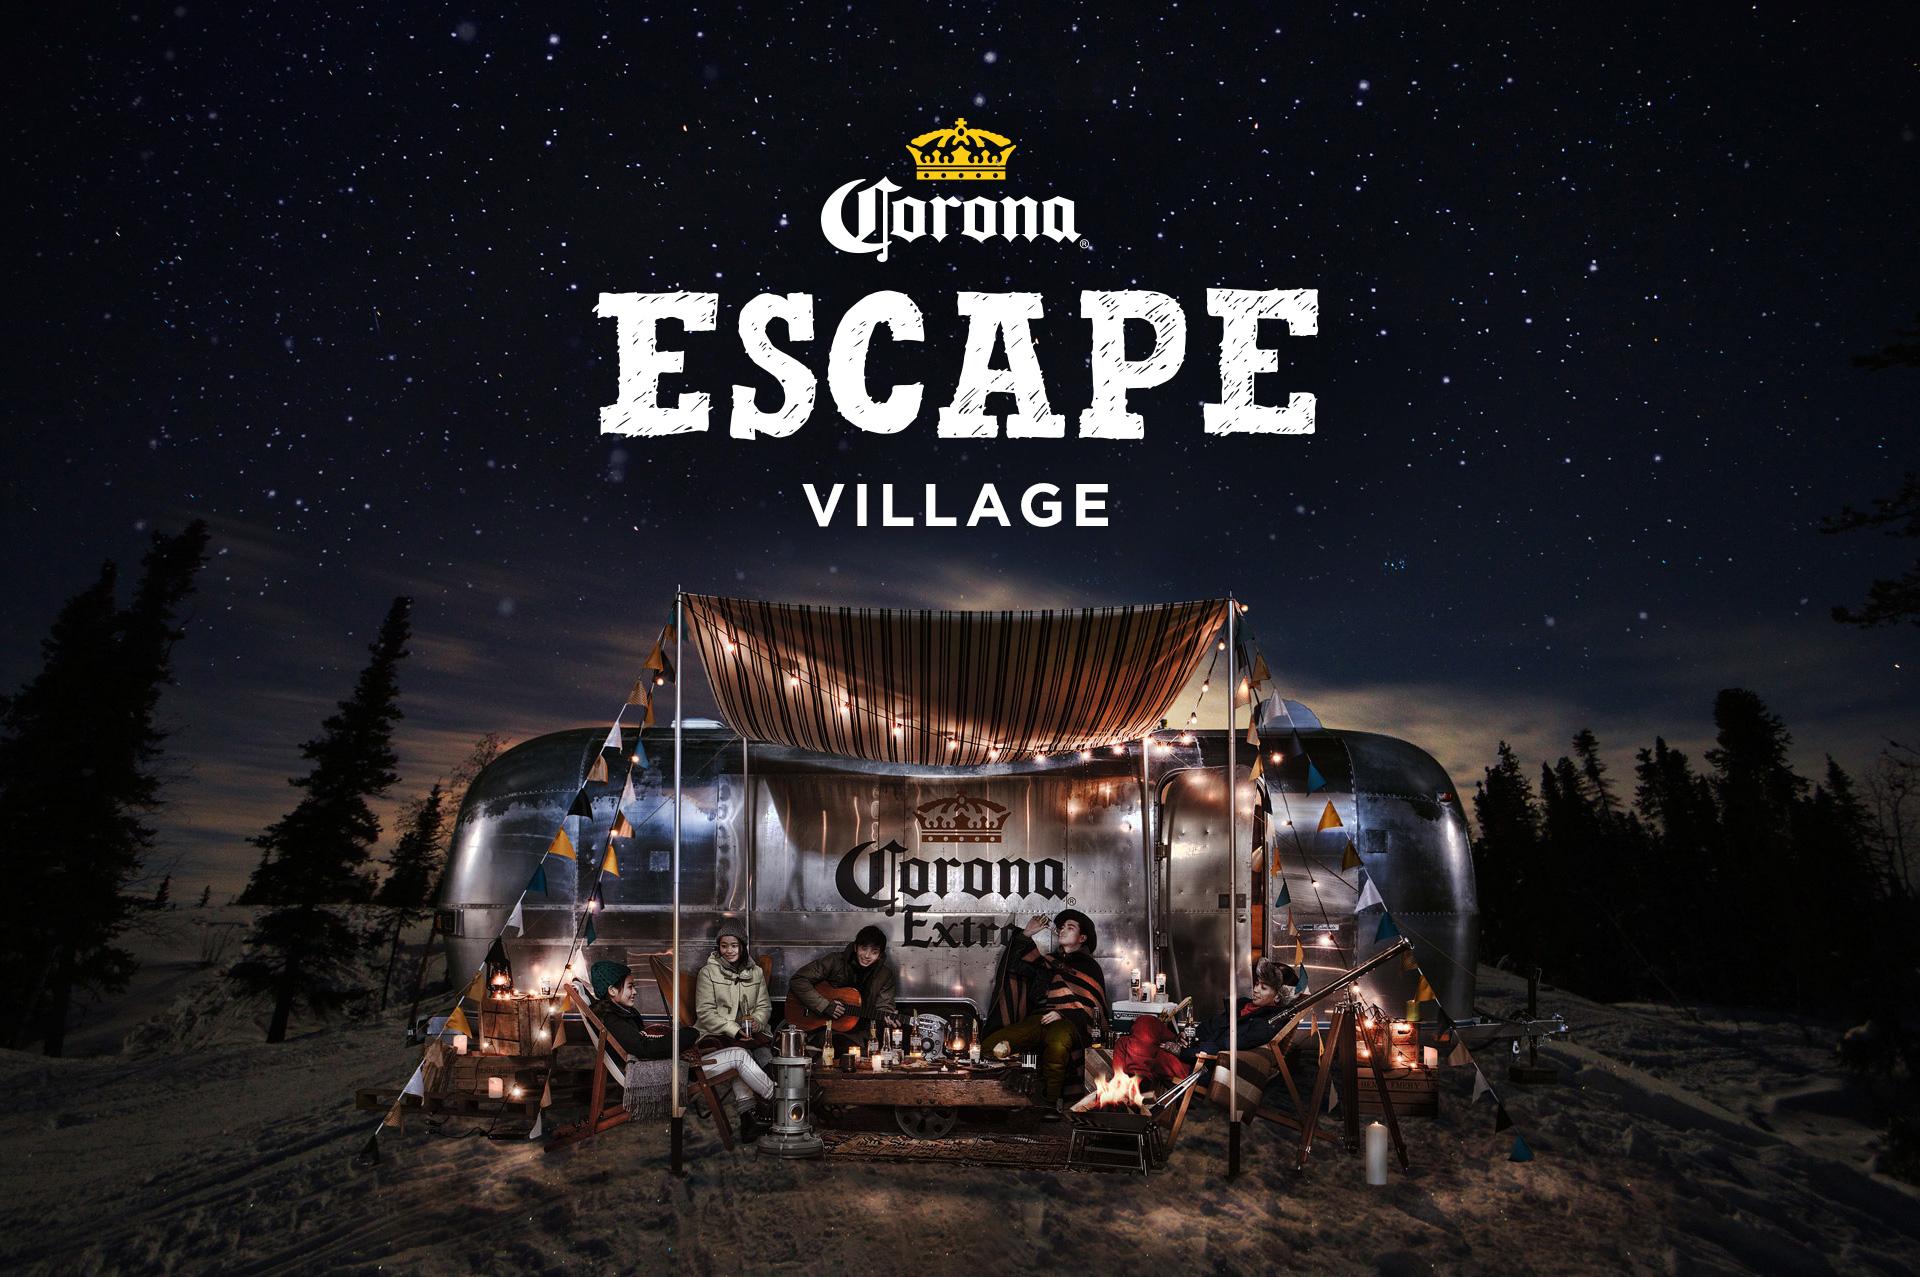 真冬のキャンプイベント「CORONA ESCAPE VILLAGE」